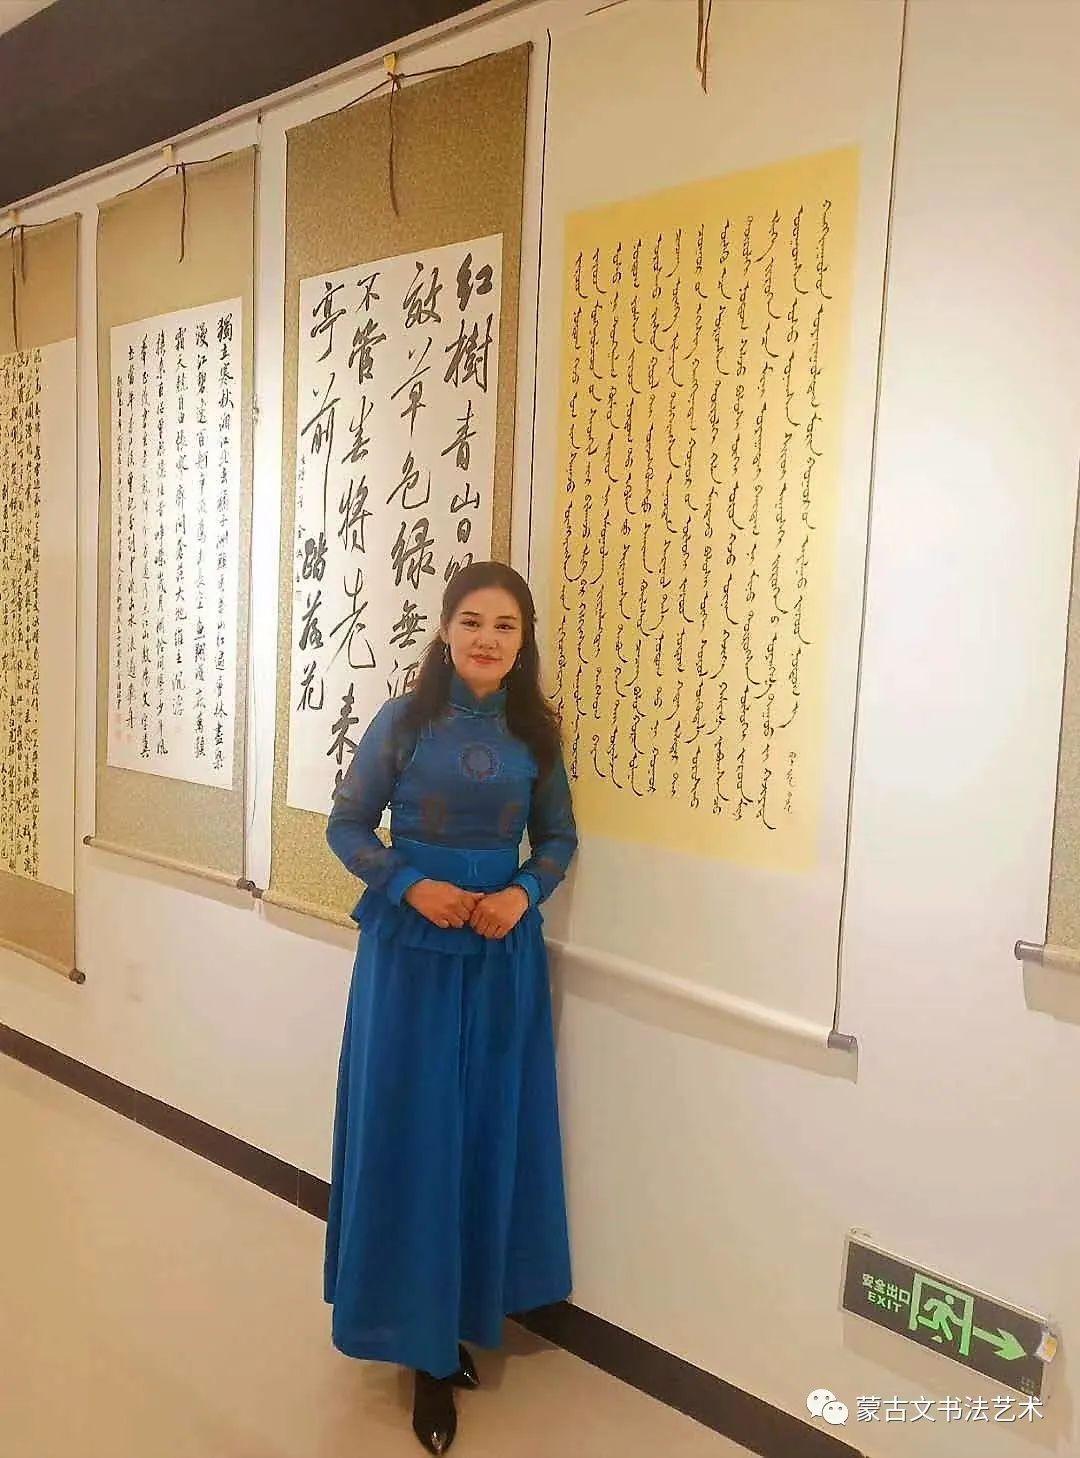 白苏雅蒙古文书法